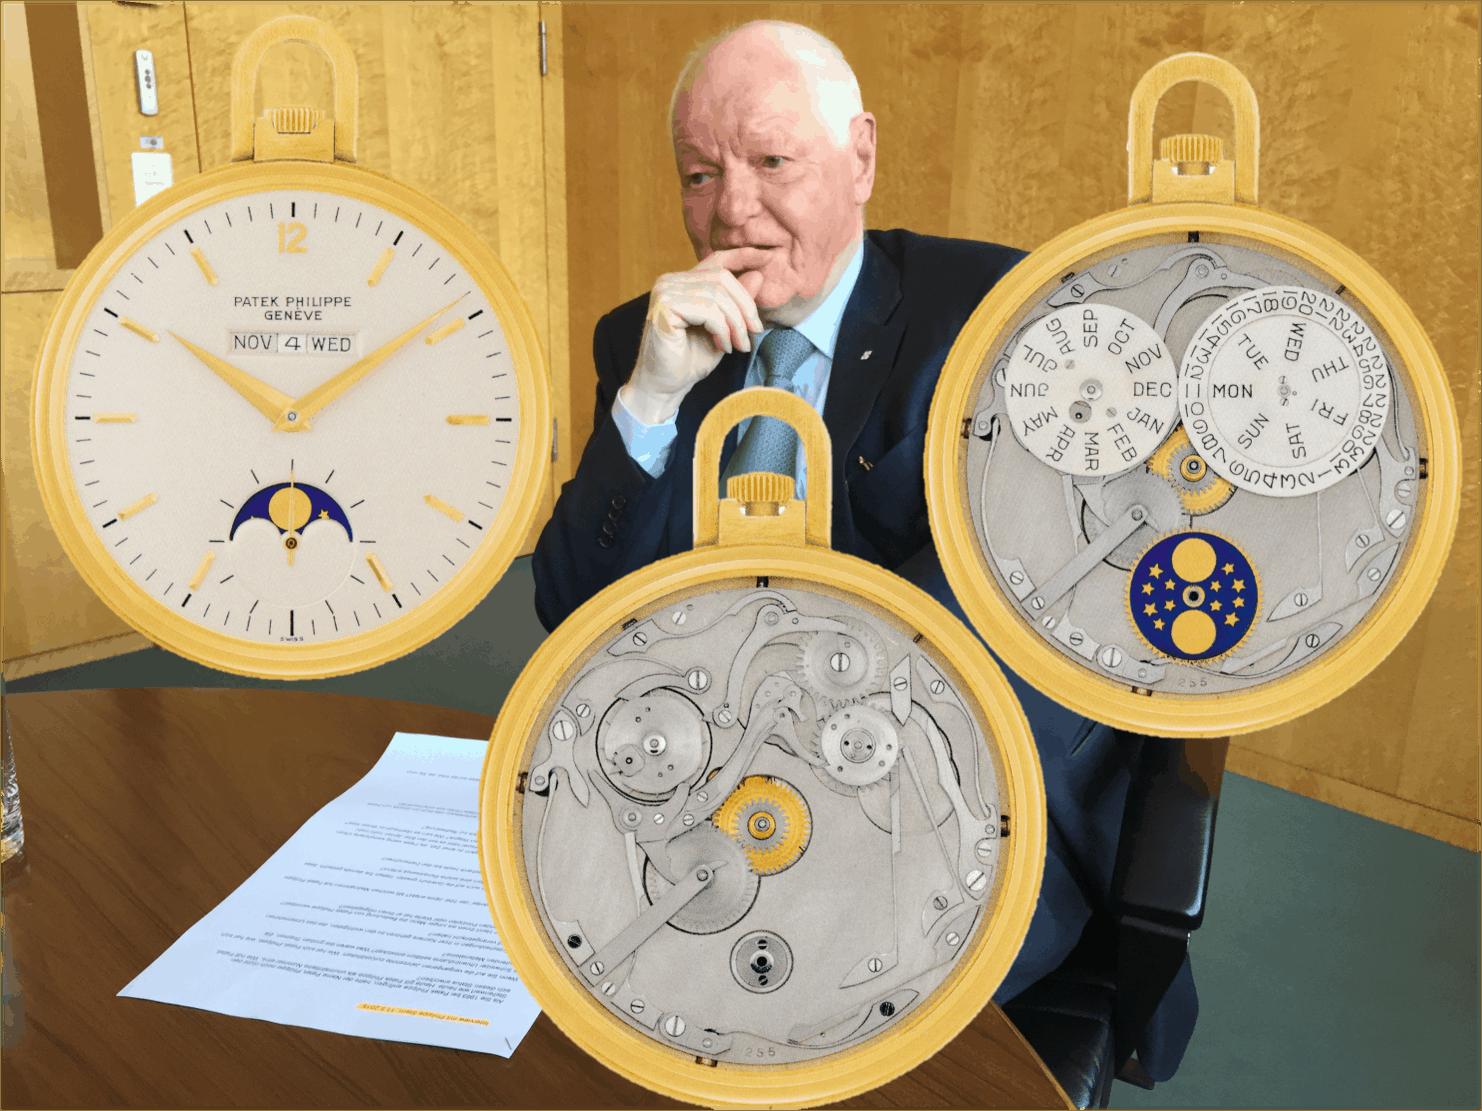 Philippe Stern Patek Philippe Taschenuhr ewiger Kalender linear Mondphasen Nr 931255 1972